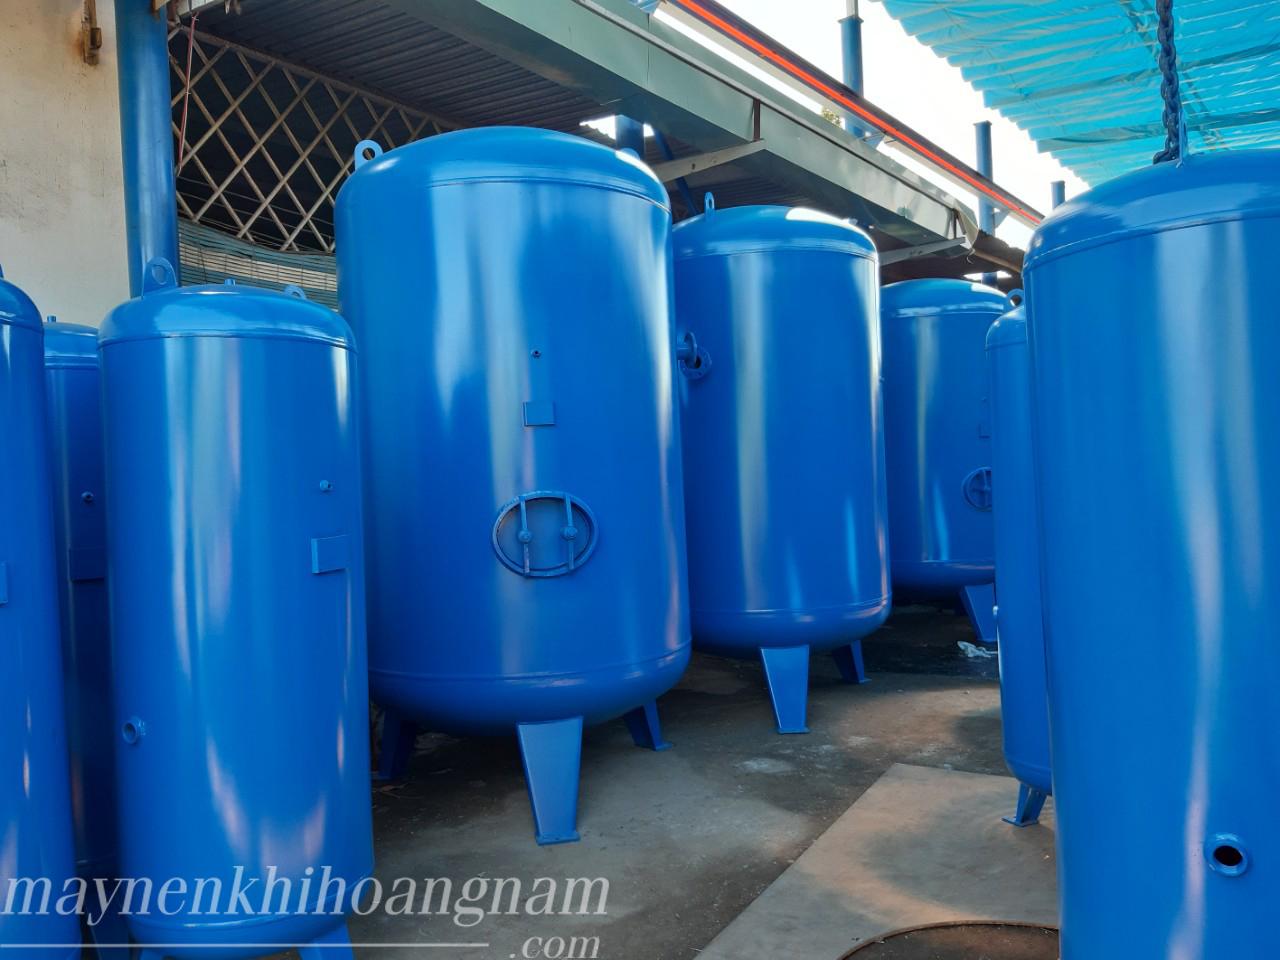 Bình Nén Khí 300 Lít